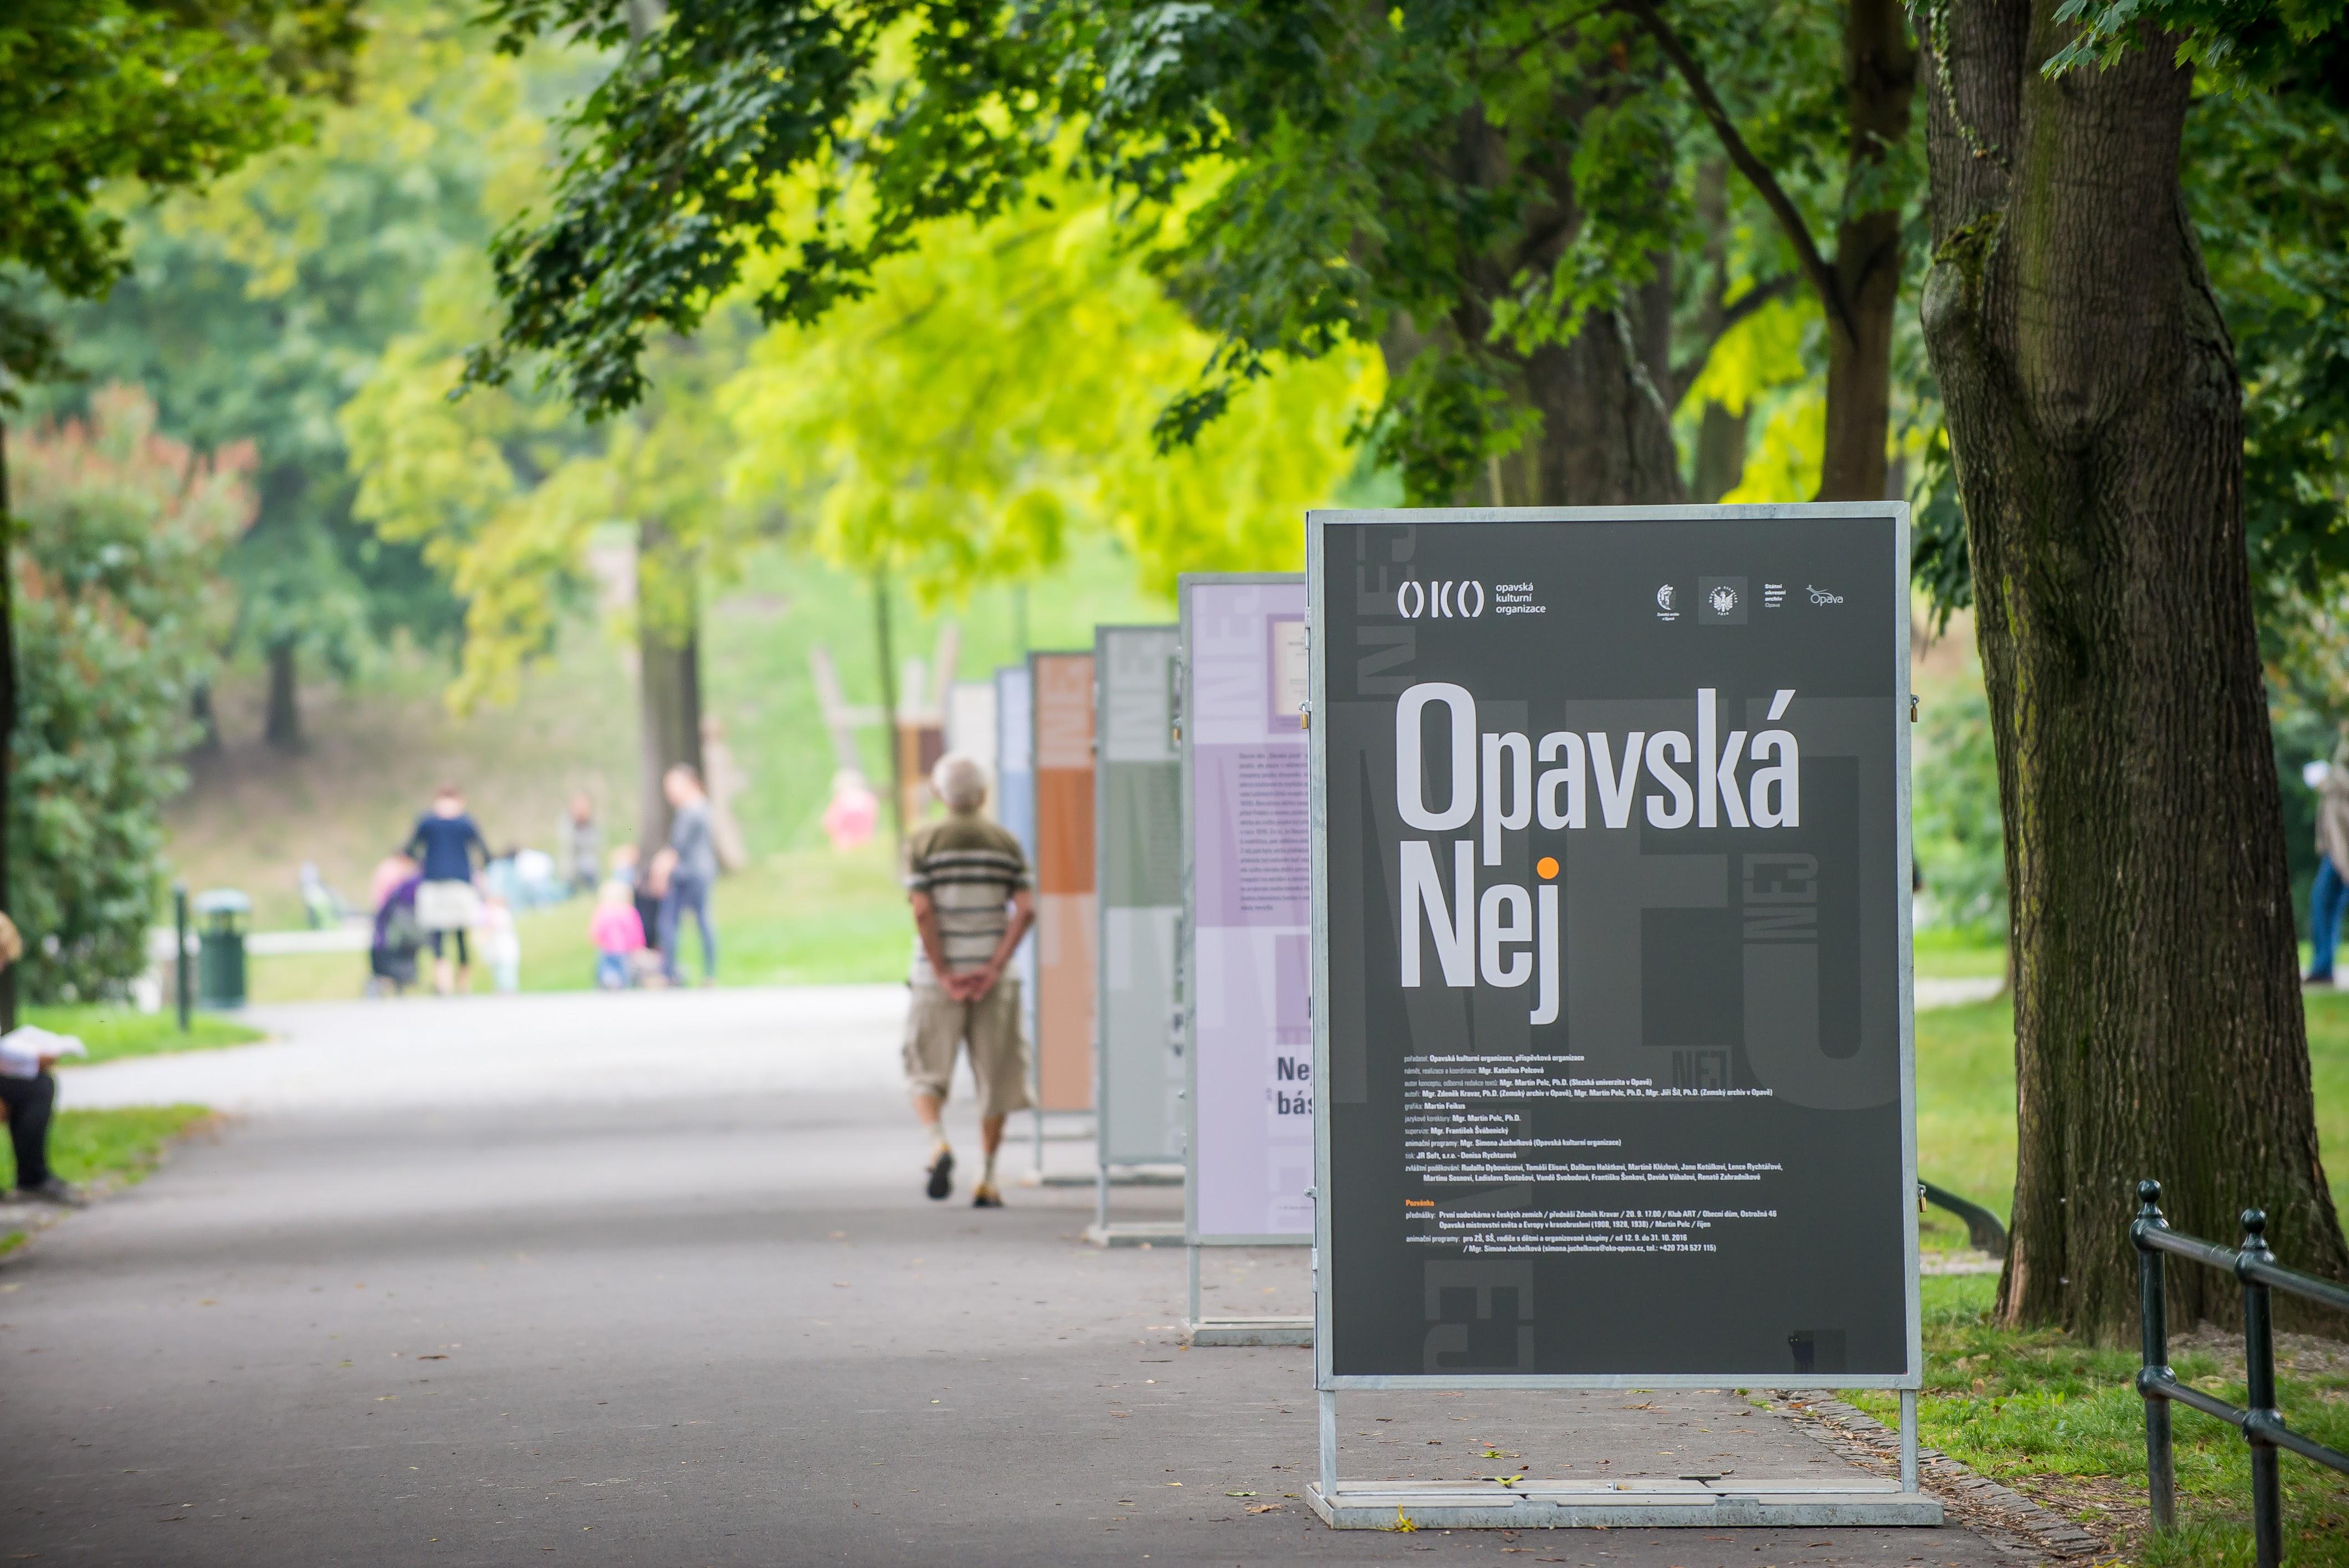 Opavská NEJ / panelová výstava v Sadech svobody / 6. 9. – 31. 10. 2016 // expozice Cesta města